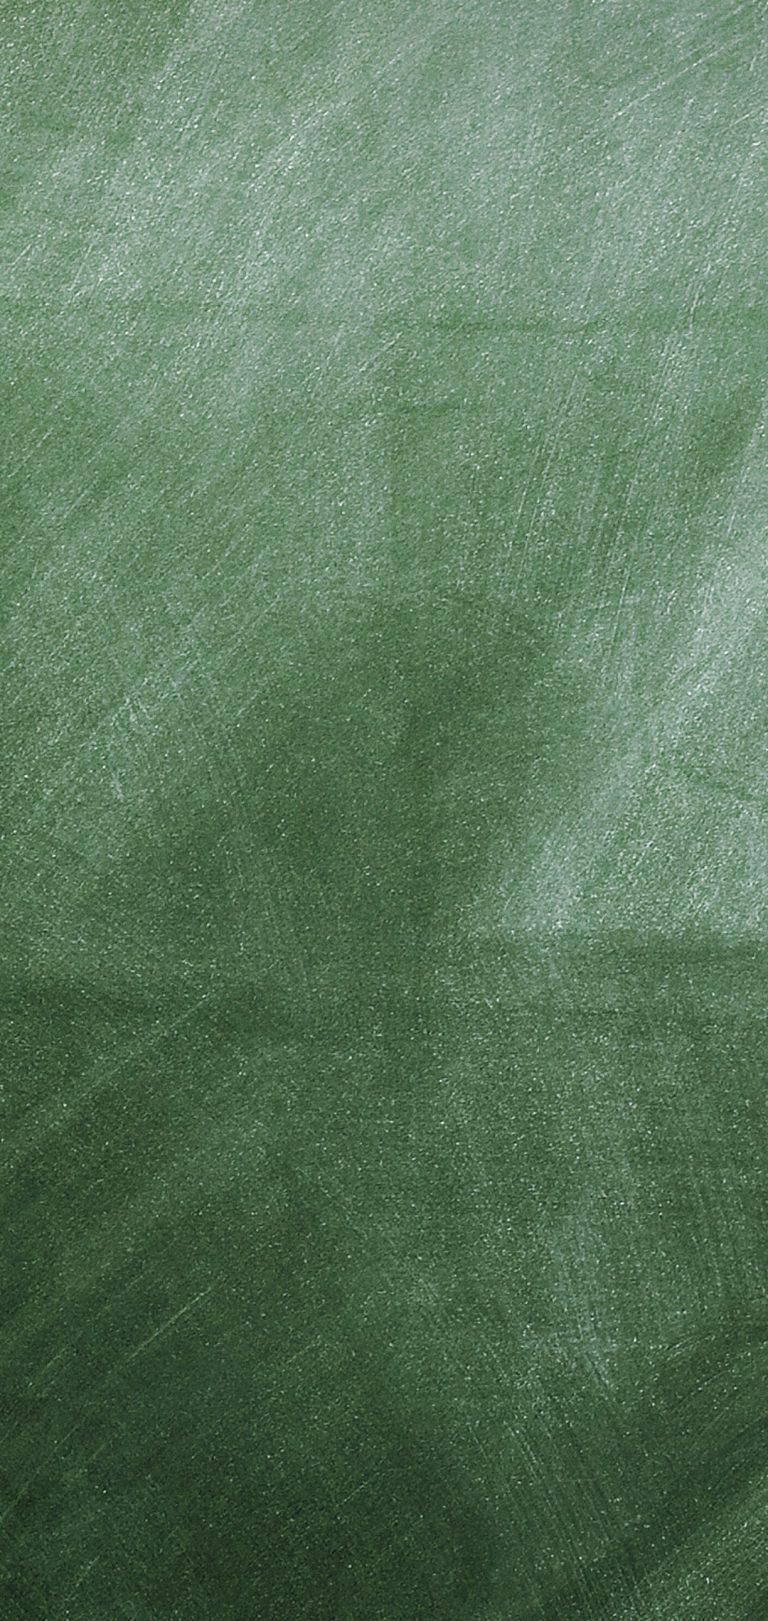 1080x2280 Wallpaper 109 768x1621